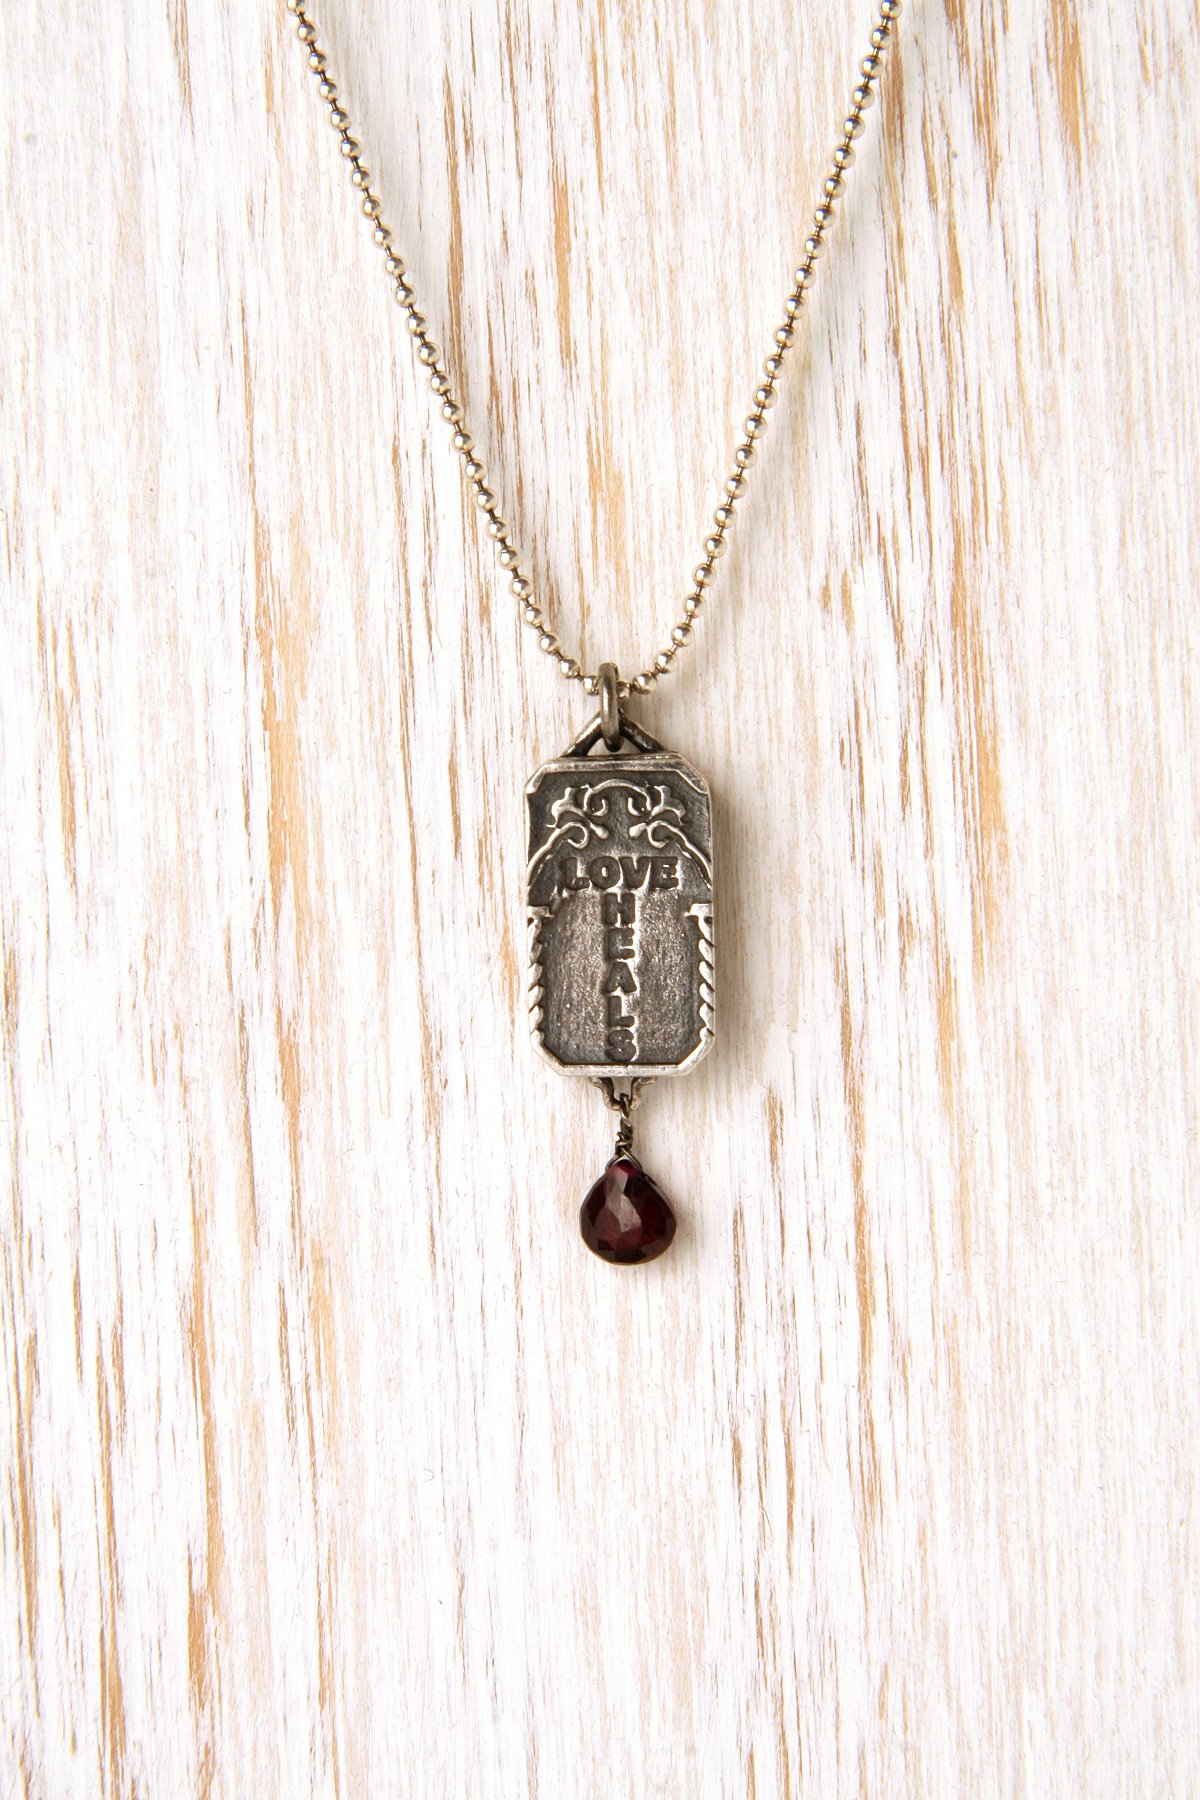 Vow Box Necklace